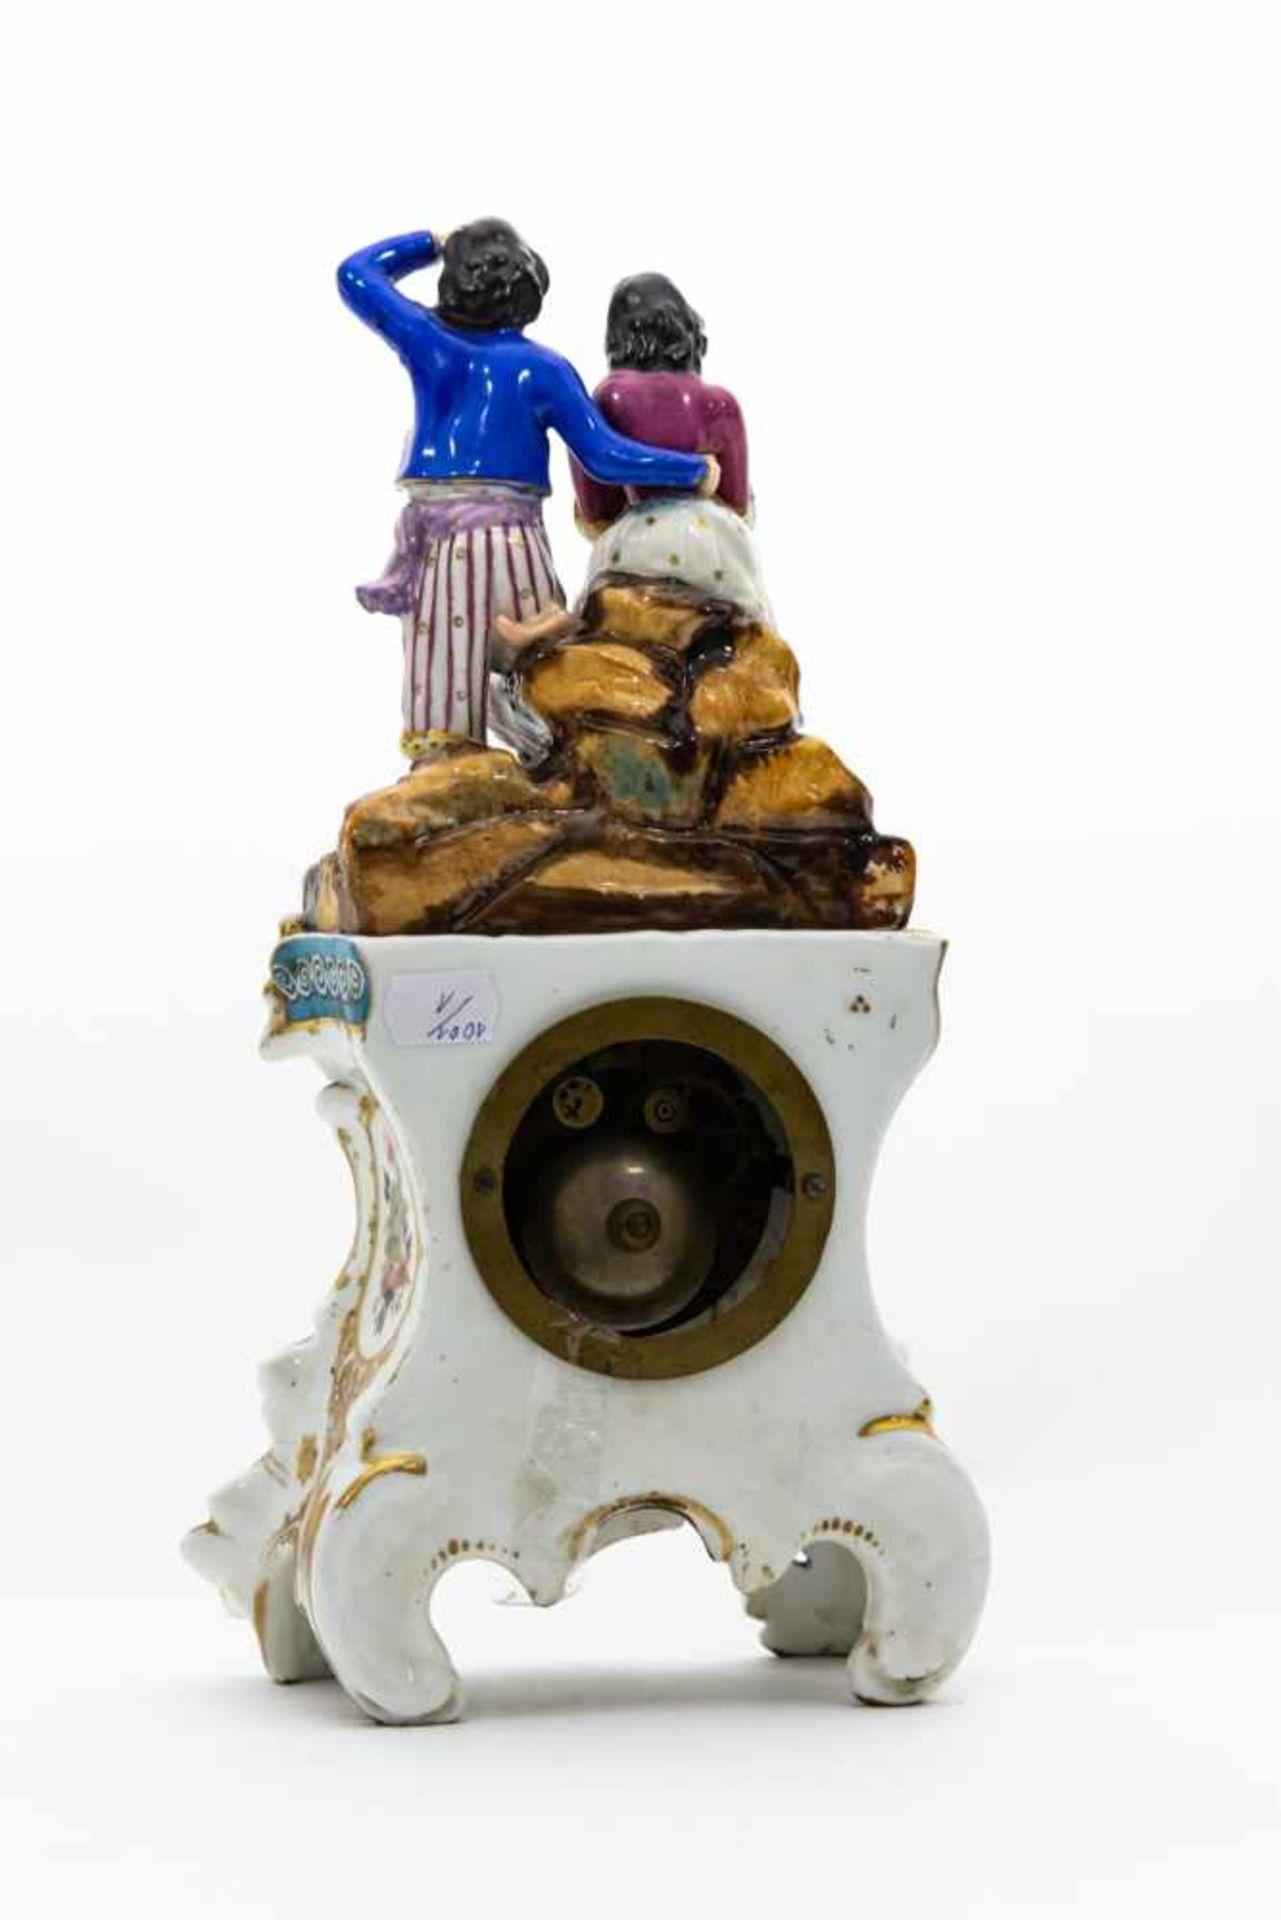 Porzellan - Uhr,Ungarn um 1860, Pärchen auf Felsen, Höhe 35 cm, Aufsatz lose. - Bild 2 aus 3